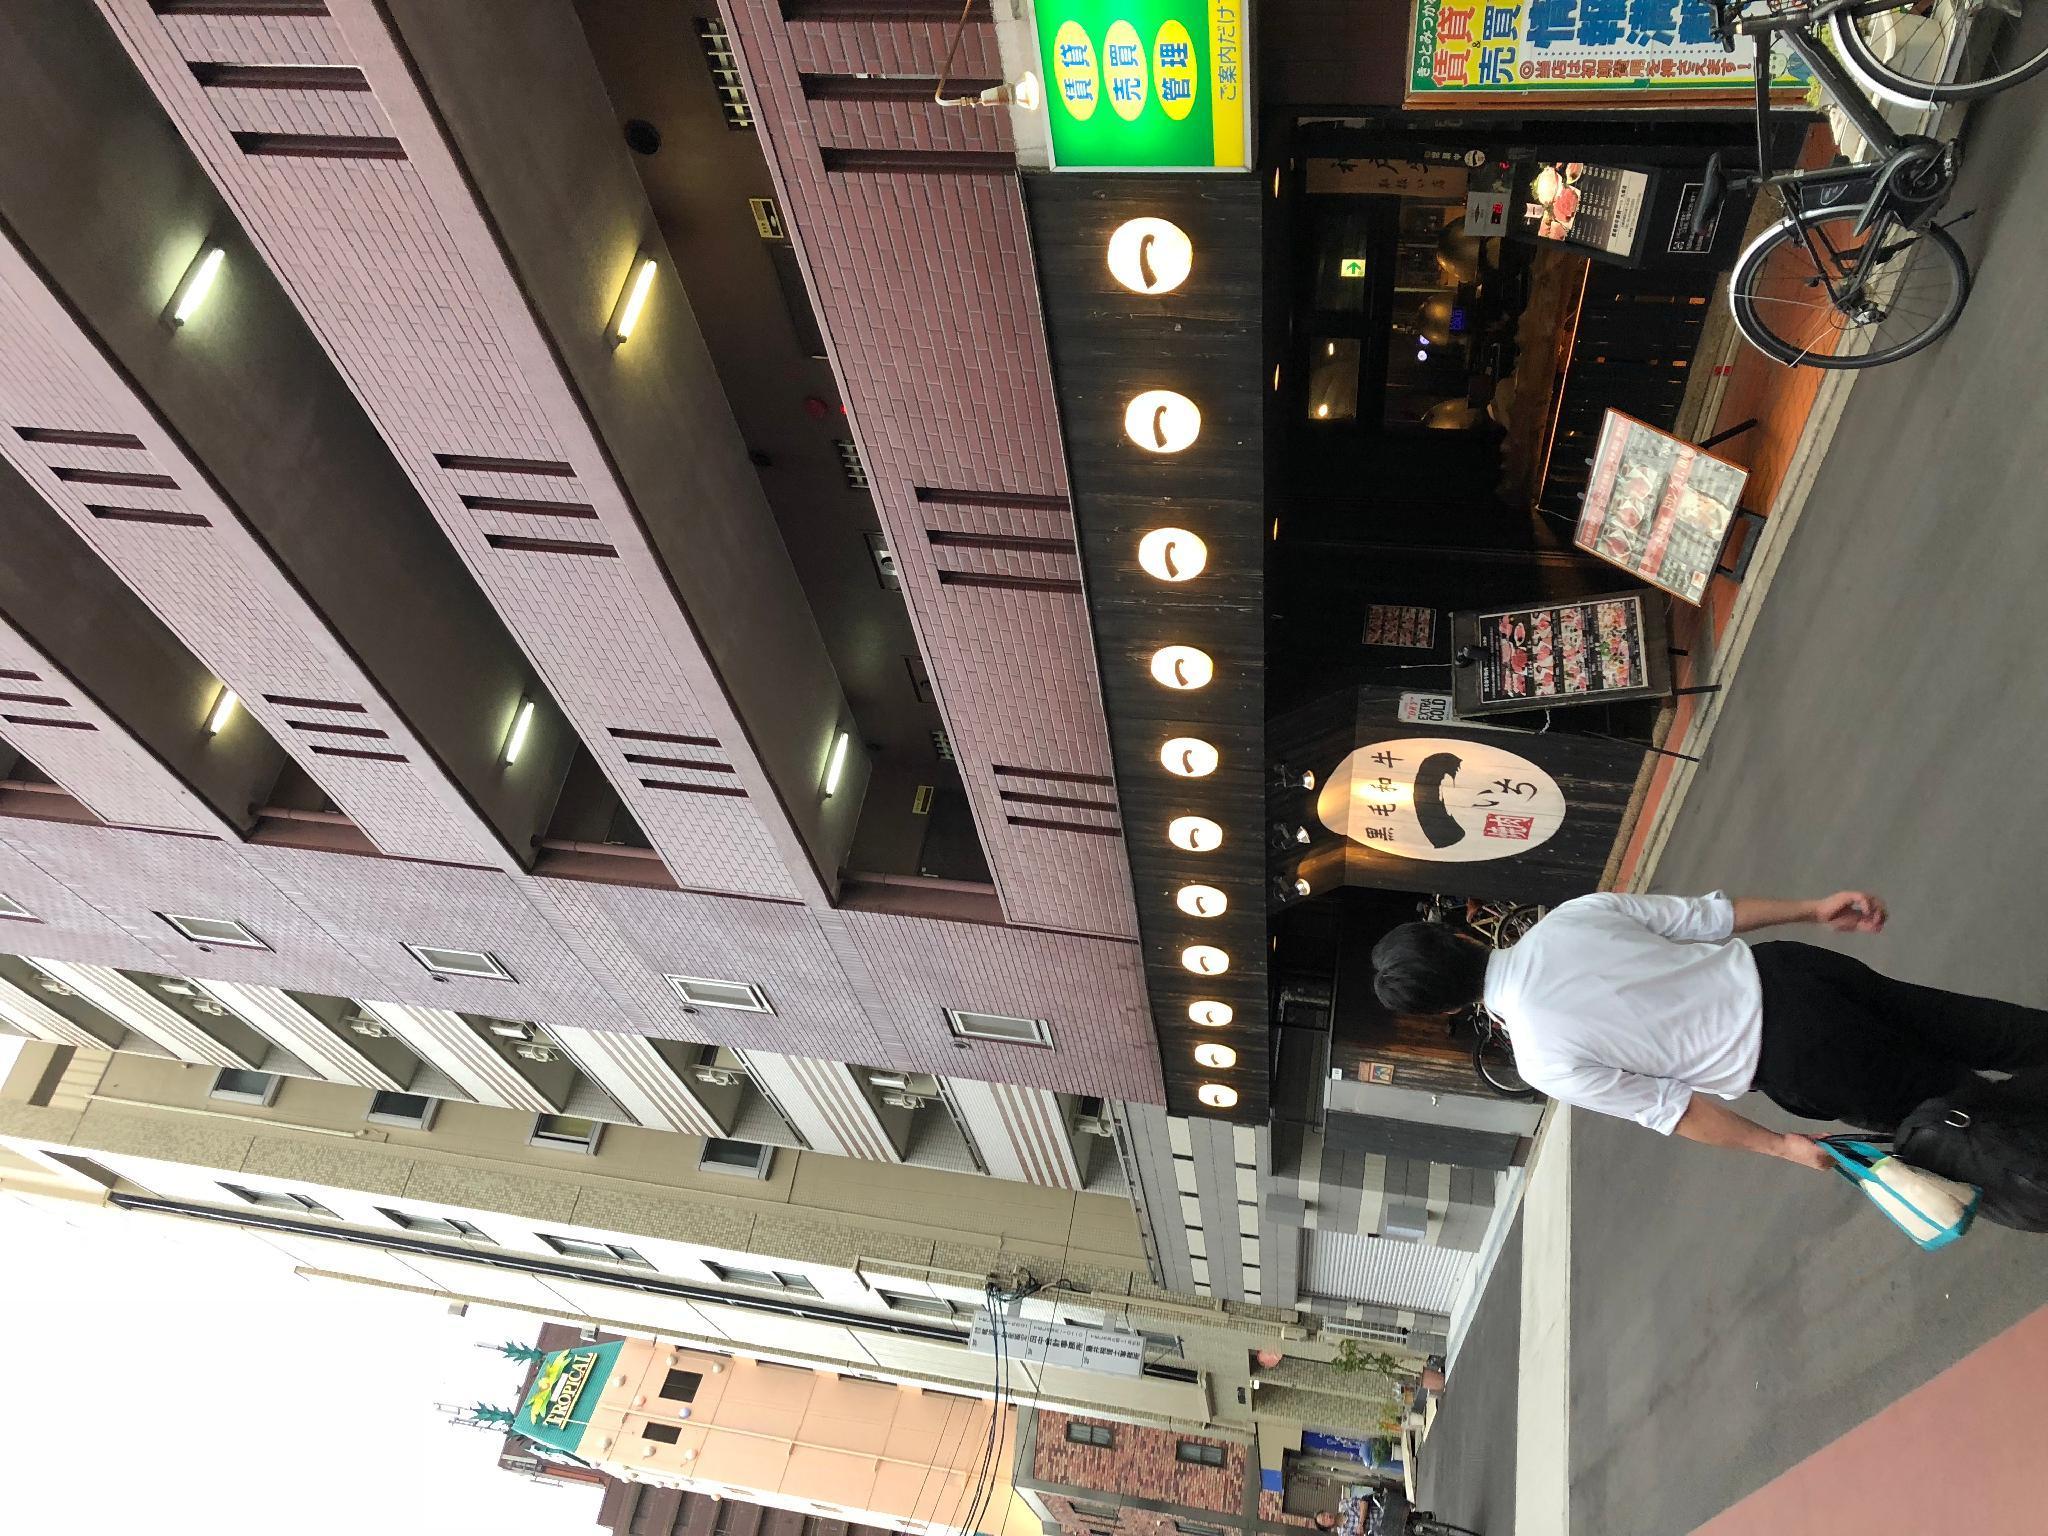 Wandtrip Kujo apartment nearbt subway, Osaka